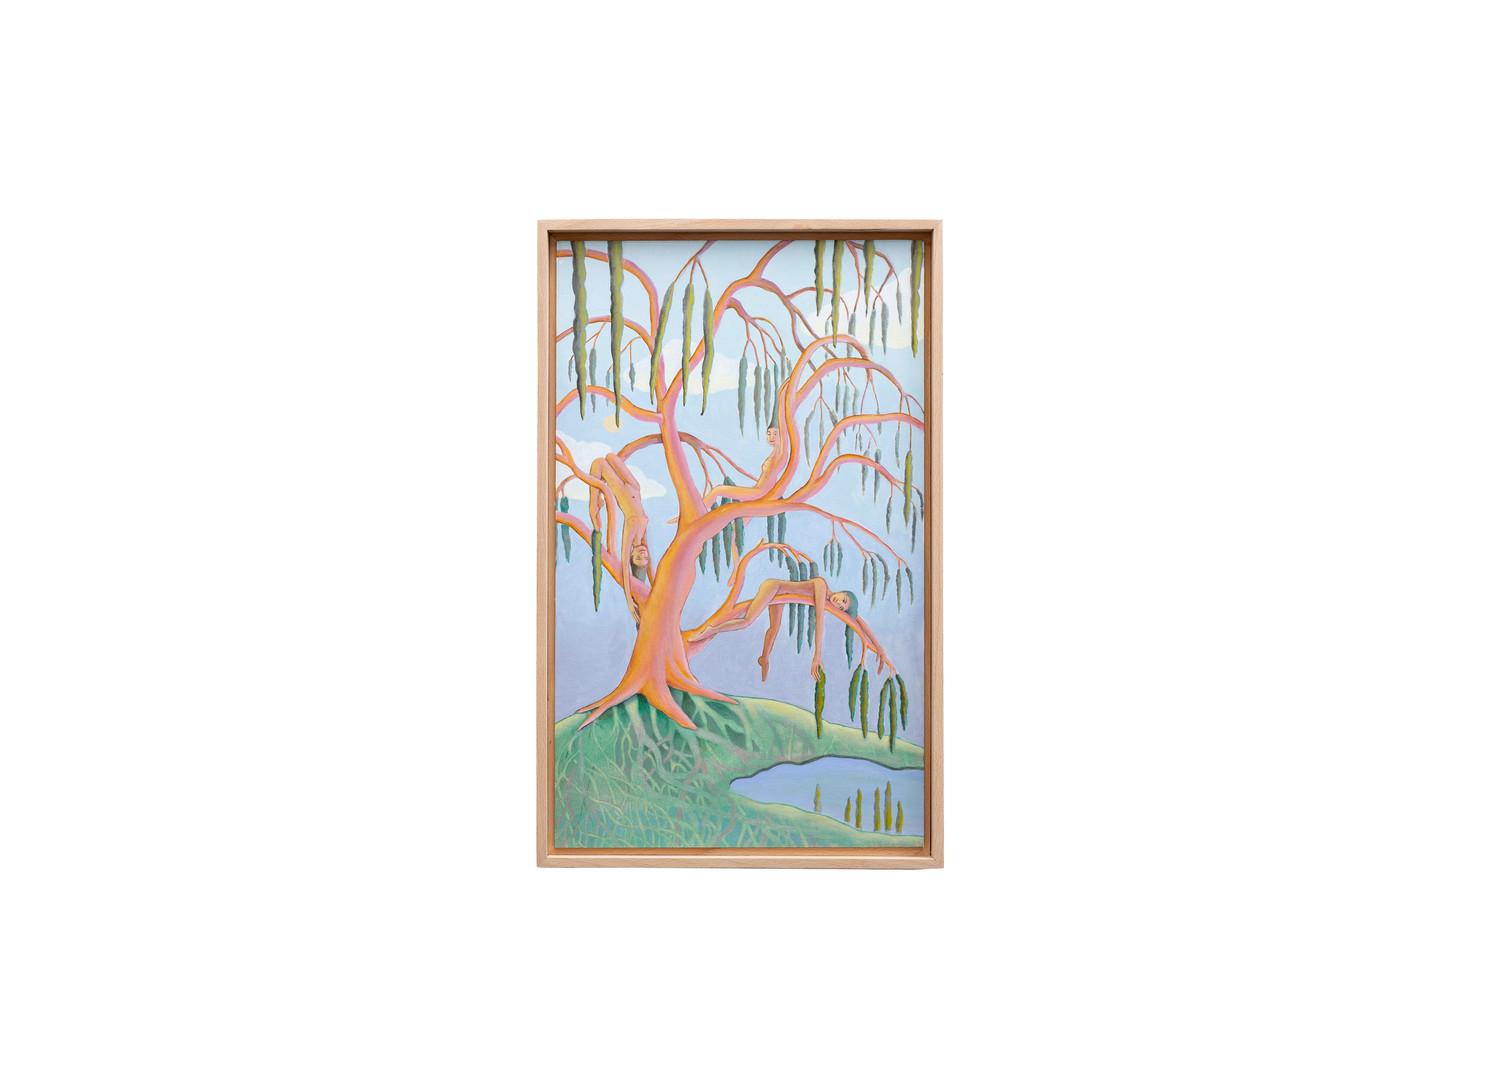 Marlene Steyn | we will...oh willow! | 2020 | Acrylic on Canvas Board | 50 x 30 cm